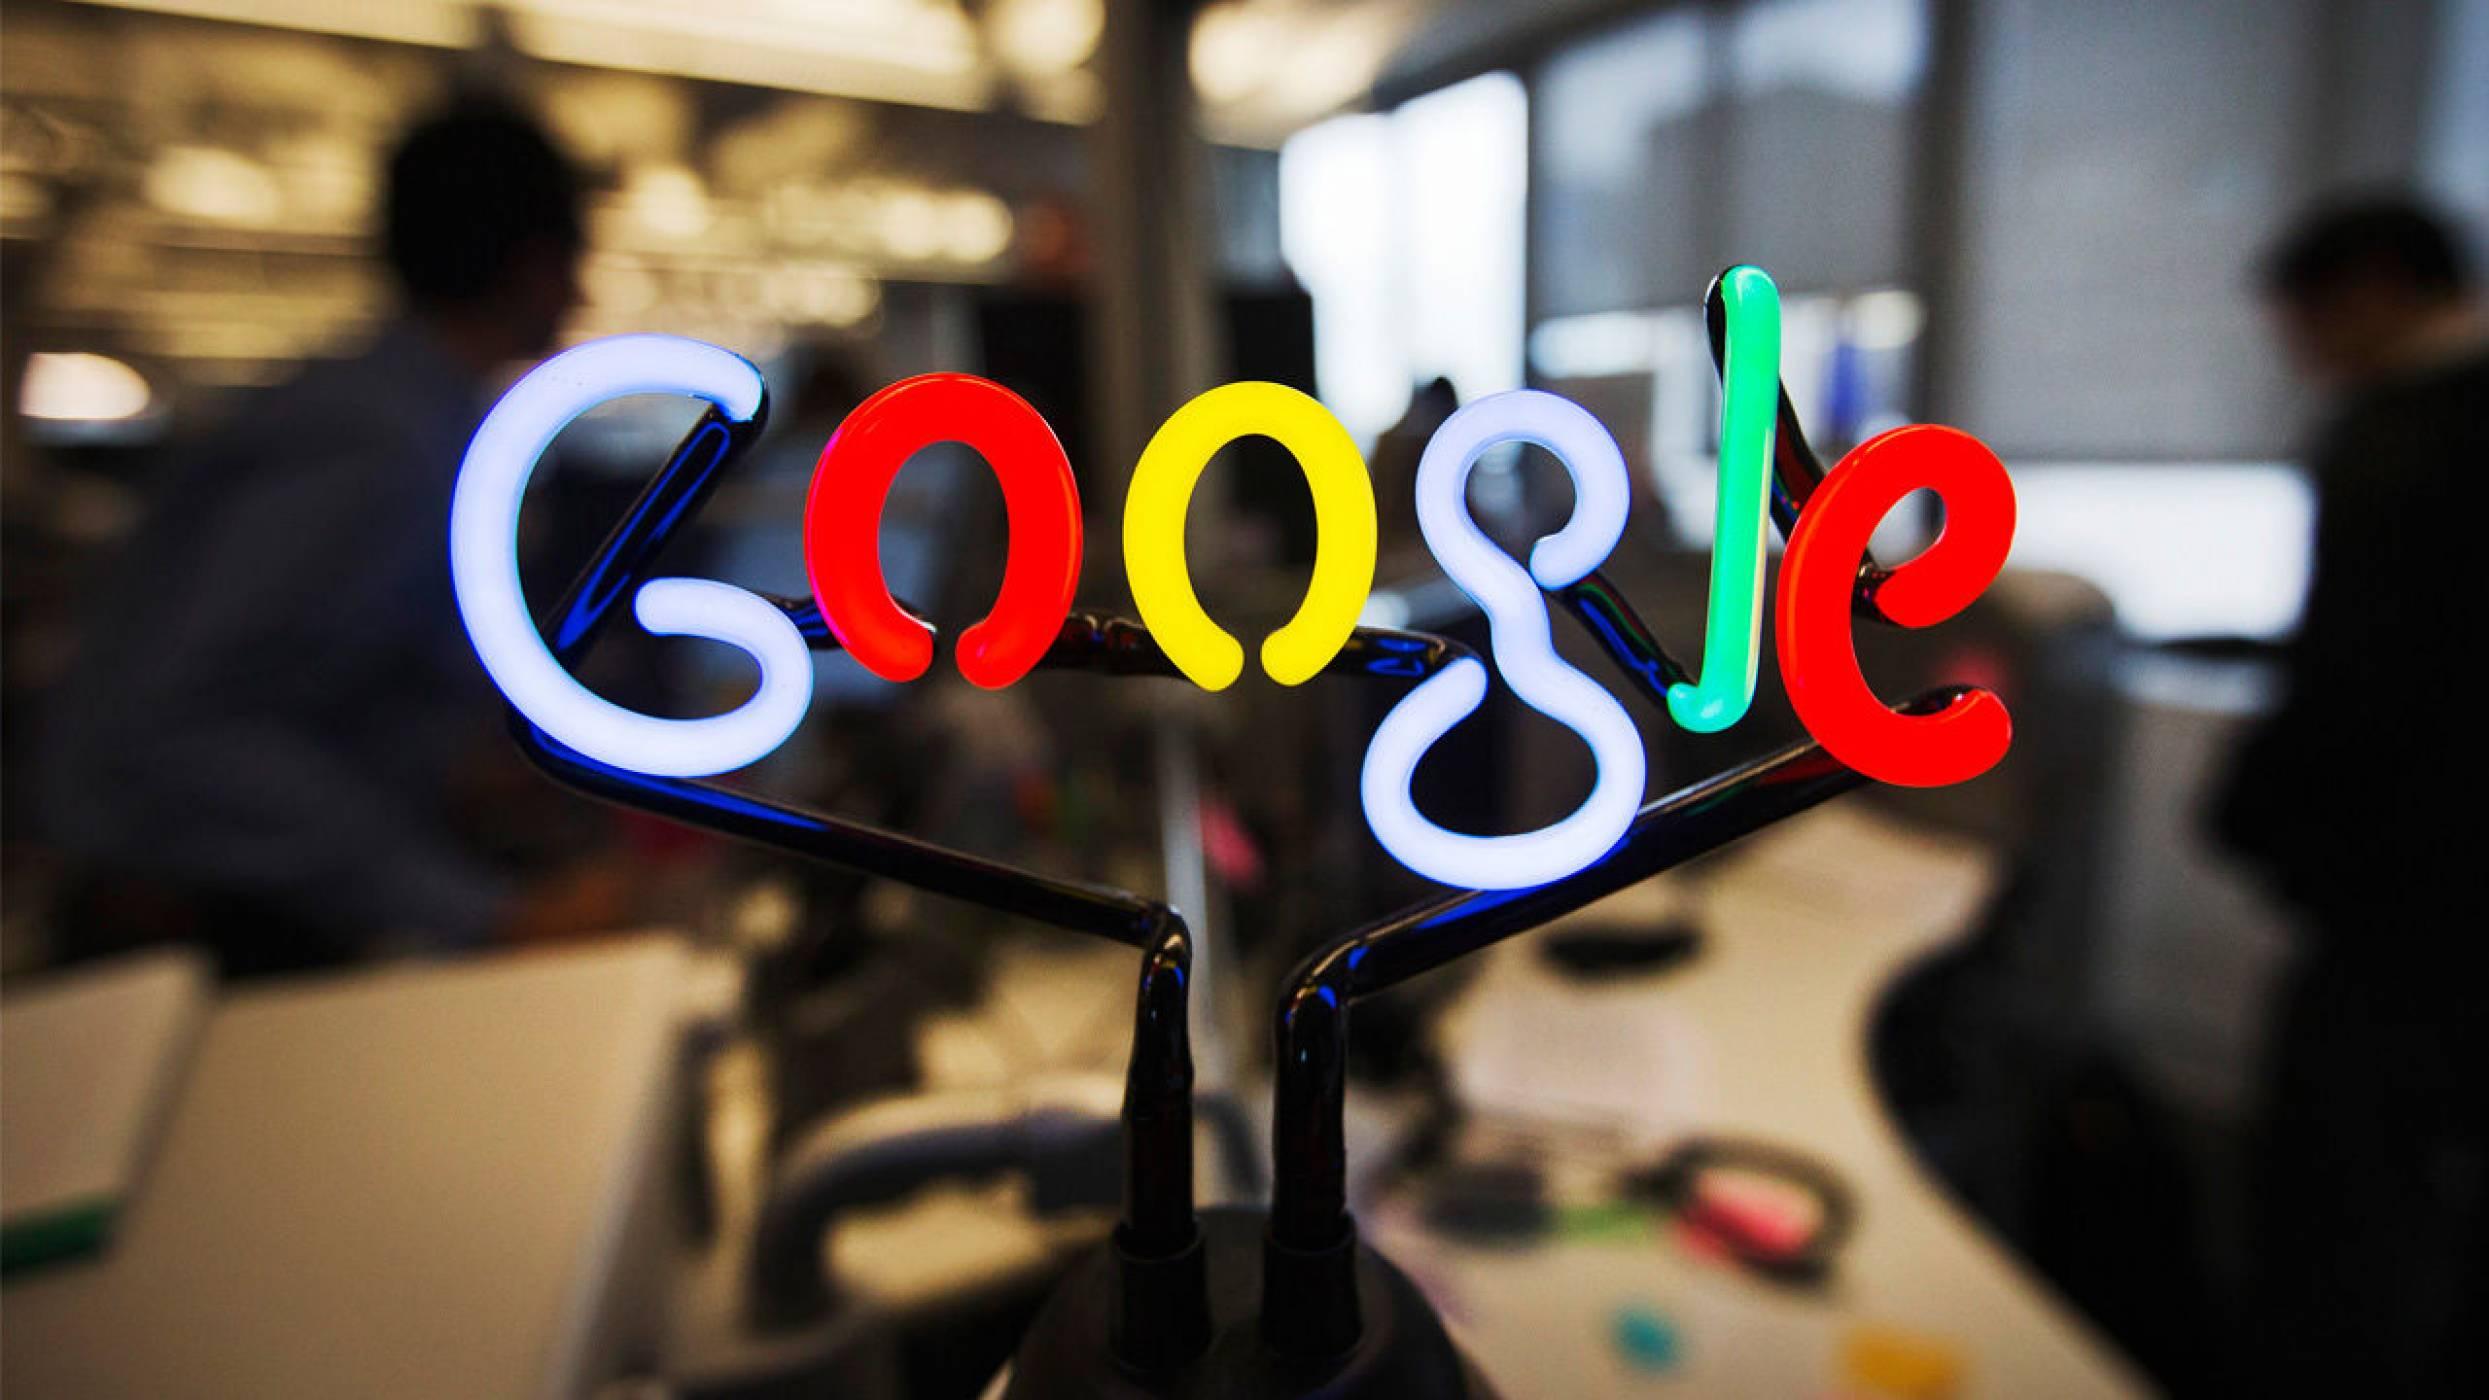 15 забавни и полезни услуги на Google, които може би виждате за пръв път